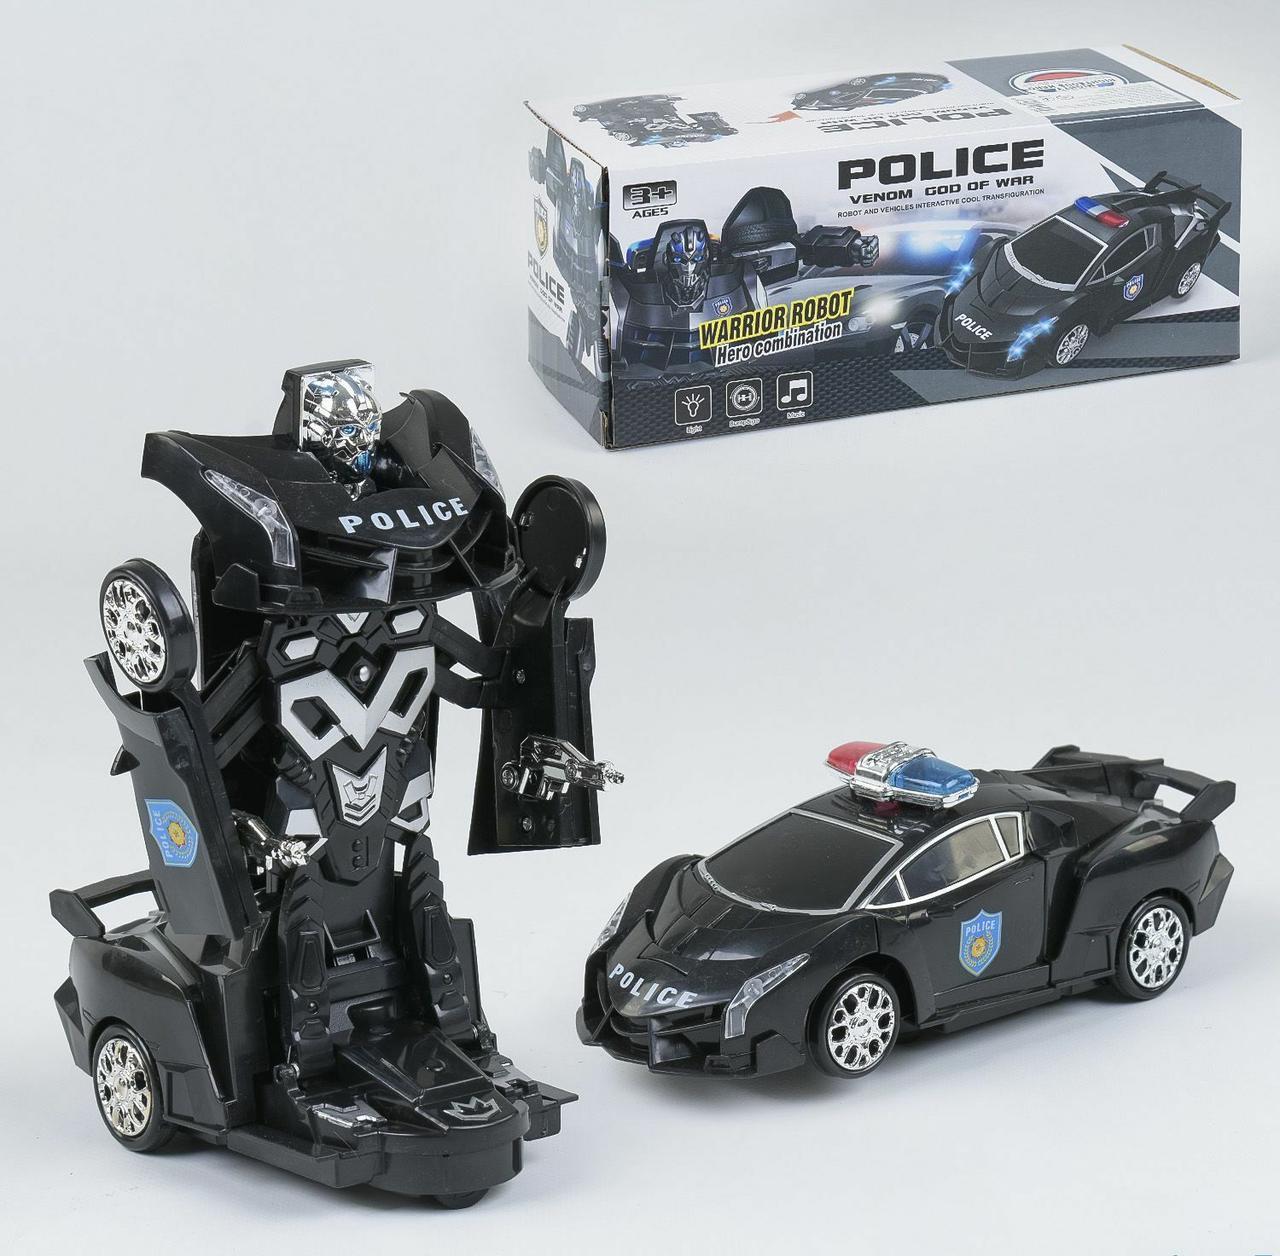 Детский робот трансформер 8997, превращается в полицейскую машину, со звуковыми и световыми эффектами